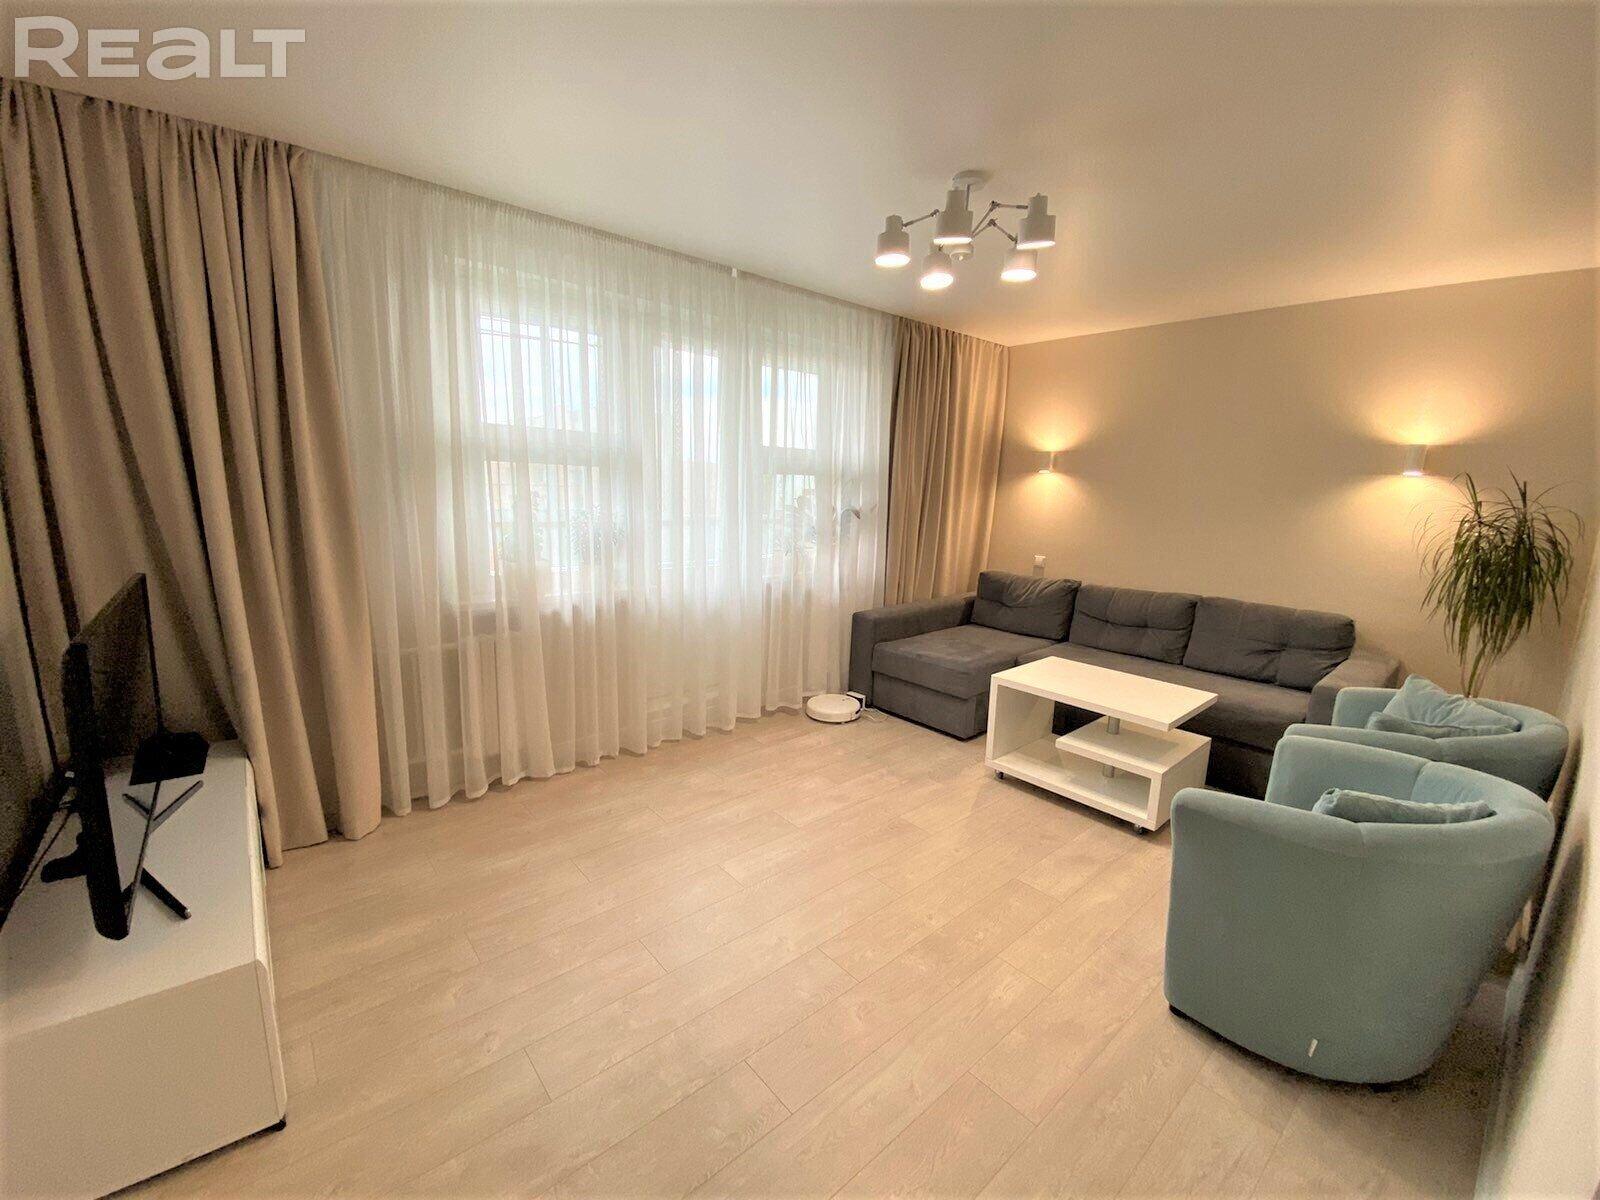 Продается 3-ех комнатная квартира с отличной планировкой и отличным ремонтом!